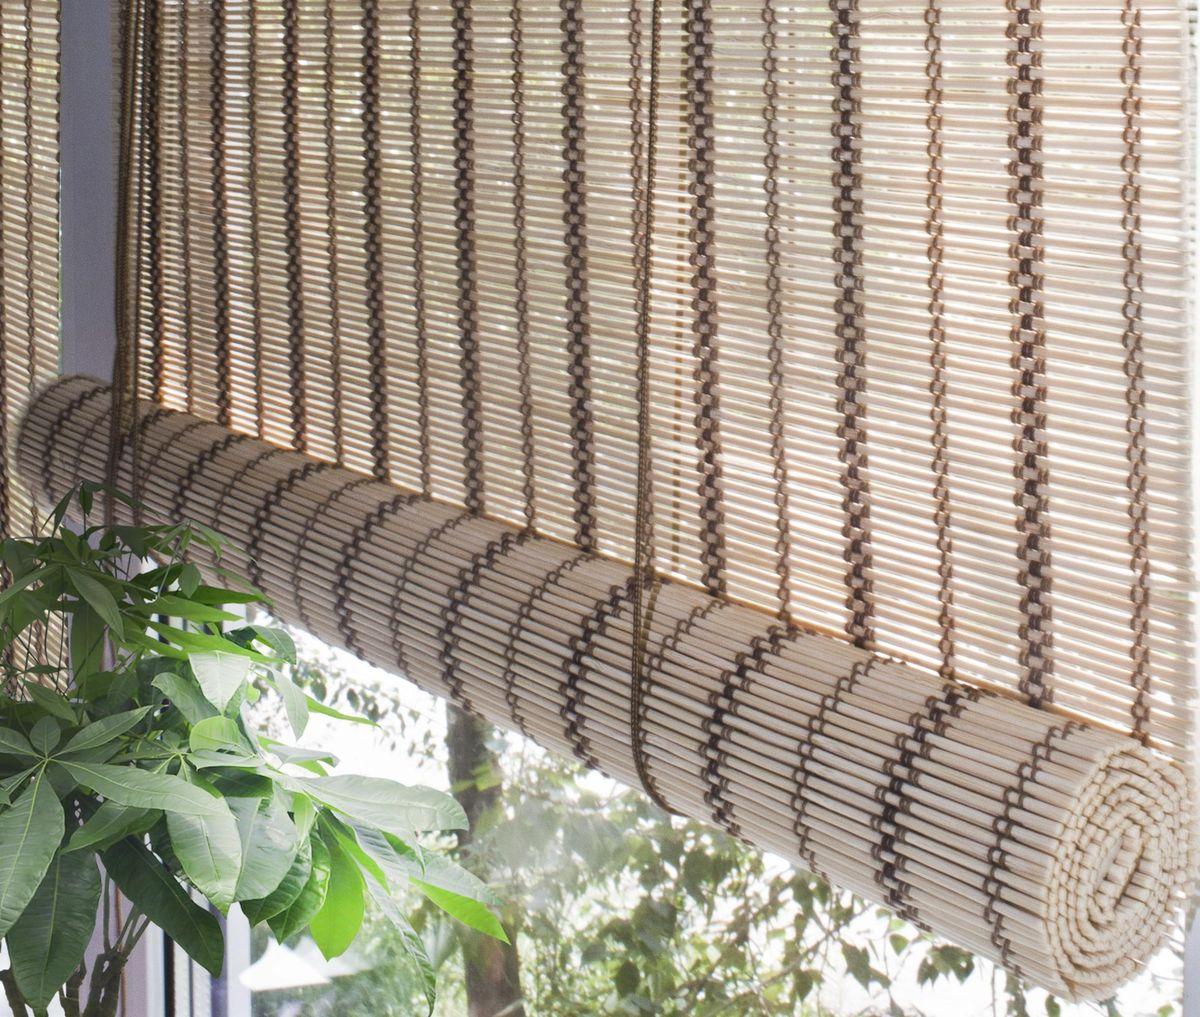 Штора рулонная Эскар Бамбук, цвет: песочный, ширина 100 см, высота 160 смRC-100BWCПри оформлении интерьера современных помещений многие отдают предпочтение природным материалам. Бамбуковые рулонные шторы - одно из натуральных изделий, способное сделать атмосферу помещения более уютной и в то же время необычной. Свойства бамбука уникальны: он экологически чист, так как быстро вырастает, благодаря чему не успевает накопить вредные вещества из окружающей среды. Кроме того, растение обладает противомикробным и антибактериальным действием. Занавеси из бамбука безопасно использовать в помещениях, где находятся новорожденные дети и люди, склонные к аллергии. Они незаменимы для тех, кто заботится о своем здоровье и уделяет внимание высокому уровню жизни.Бамбуковые рулонные шторы представляют собой полотно, состоящее из тонких бамбуковых стеблей и сворачиваемое в рулон.Римские бамбуковые шторы, как и тканевые римские шторы, при поднятии образуют крупные складки, которые прекрасно декорируют окно.Особенность устройства полотна позволяет свободно пропускать дневной свет, что обеспечивает мягкое освещение комнаты. Это натуральный влагостойкий материал, который легко вписывается в любой интерьер, хорошо сочетается с различной мебелью и элементами отделки. Использование бамбукового полотна придает помещению необычный вид и визуально расширяет пространство.Помимо внешней красоты, это еще и очень удобные конструкции, экономящие пространство. Изготавливаются они из специальных материалов, устойчивых к внешним воздействиям. Сама штора очень эргономичная, и позволяет изменять визуально пространство в зависимости от потребностей владельца.